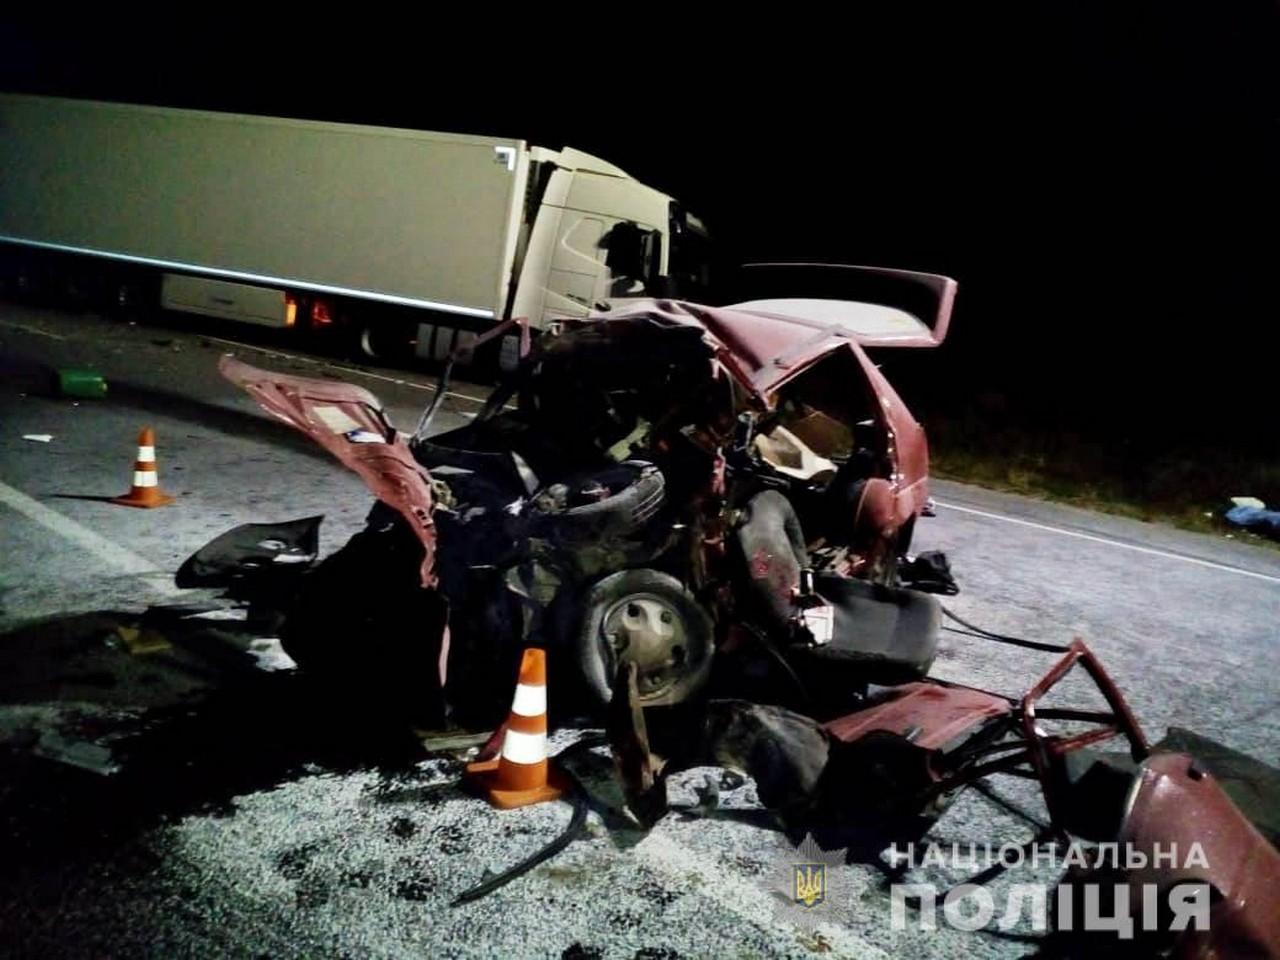 Біля села Березіно, що на Вінниччині, сталася смертельна ДТП. Зікнулися вантажівка, якою керував 59-річний закарпатець, та легковик, під керуванням 36-річного чоловіка